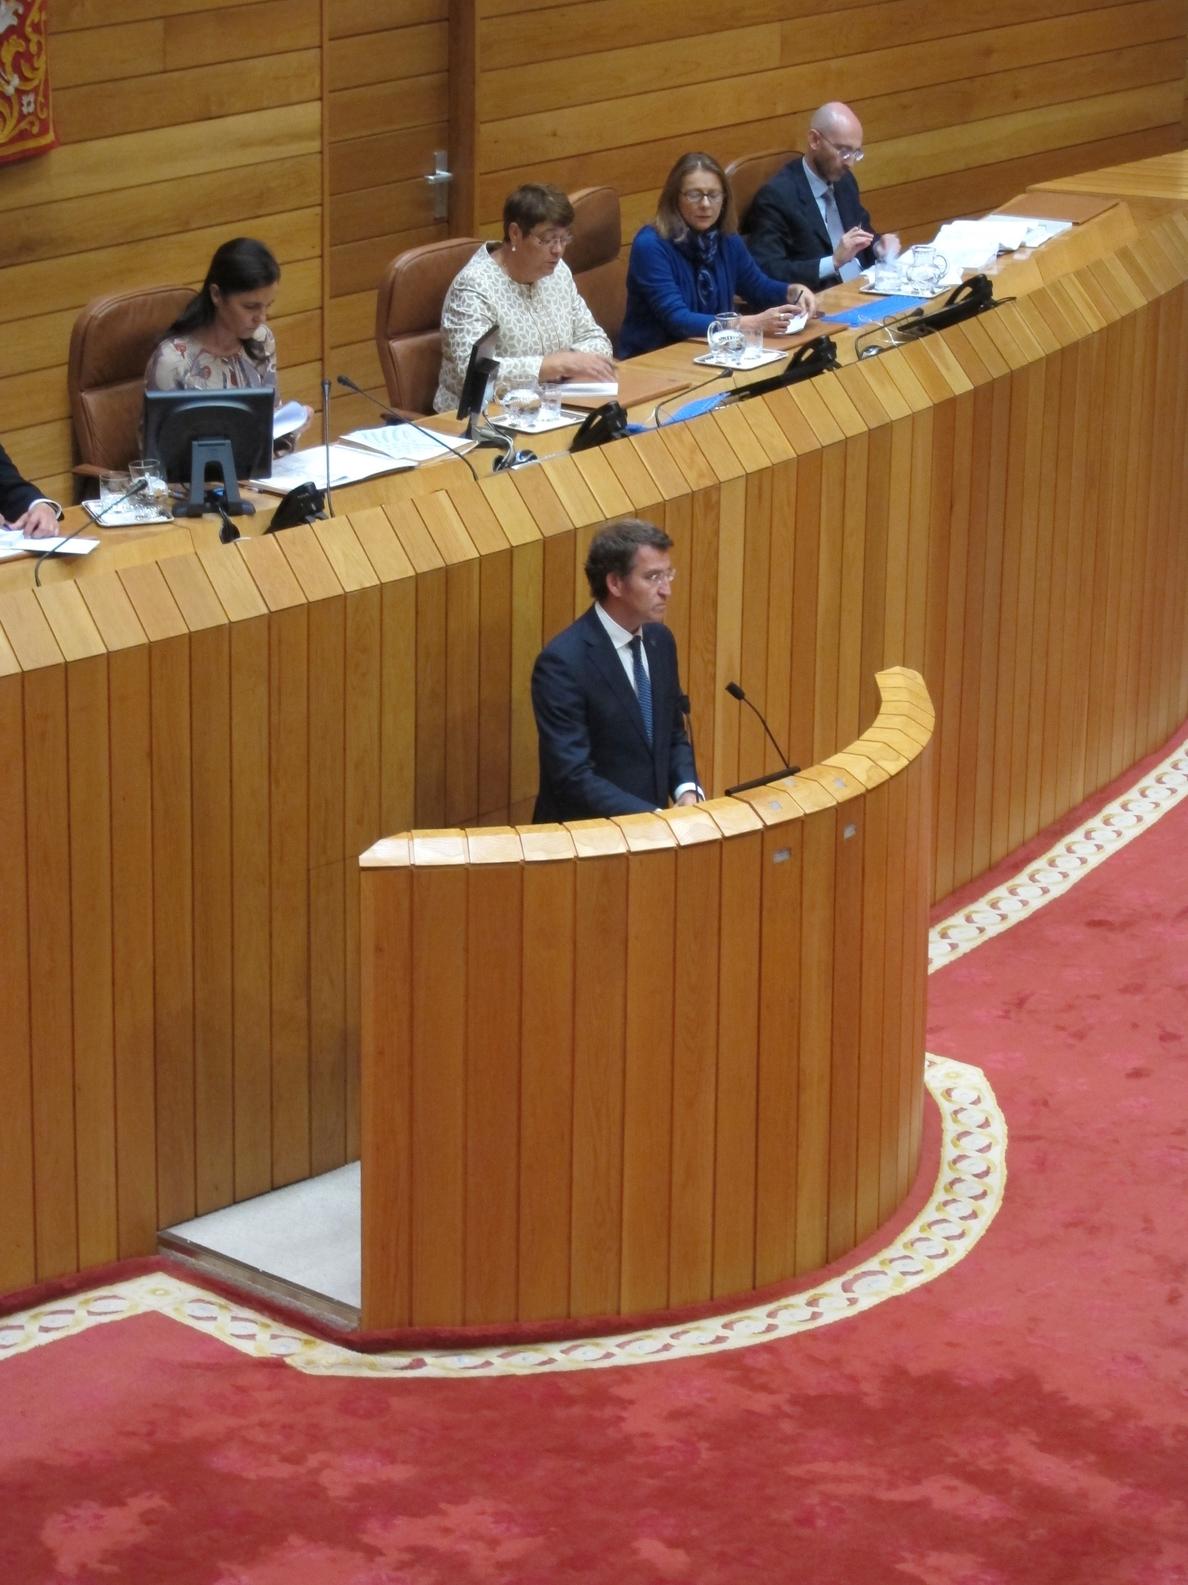 Feijóo anuncia «la mayor ayuda a la natalidad» de España con deducciones fiscales a partir de 2015